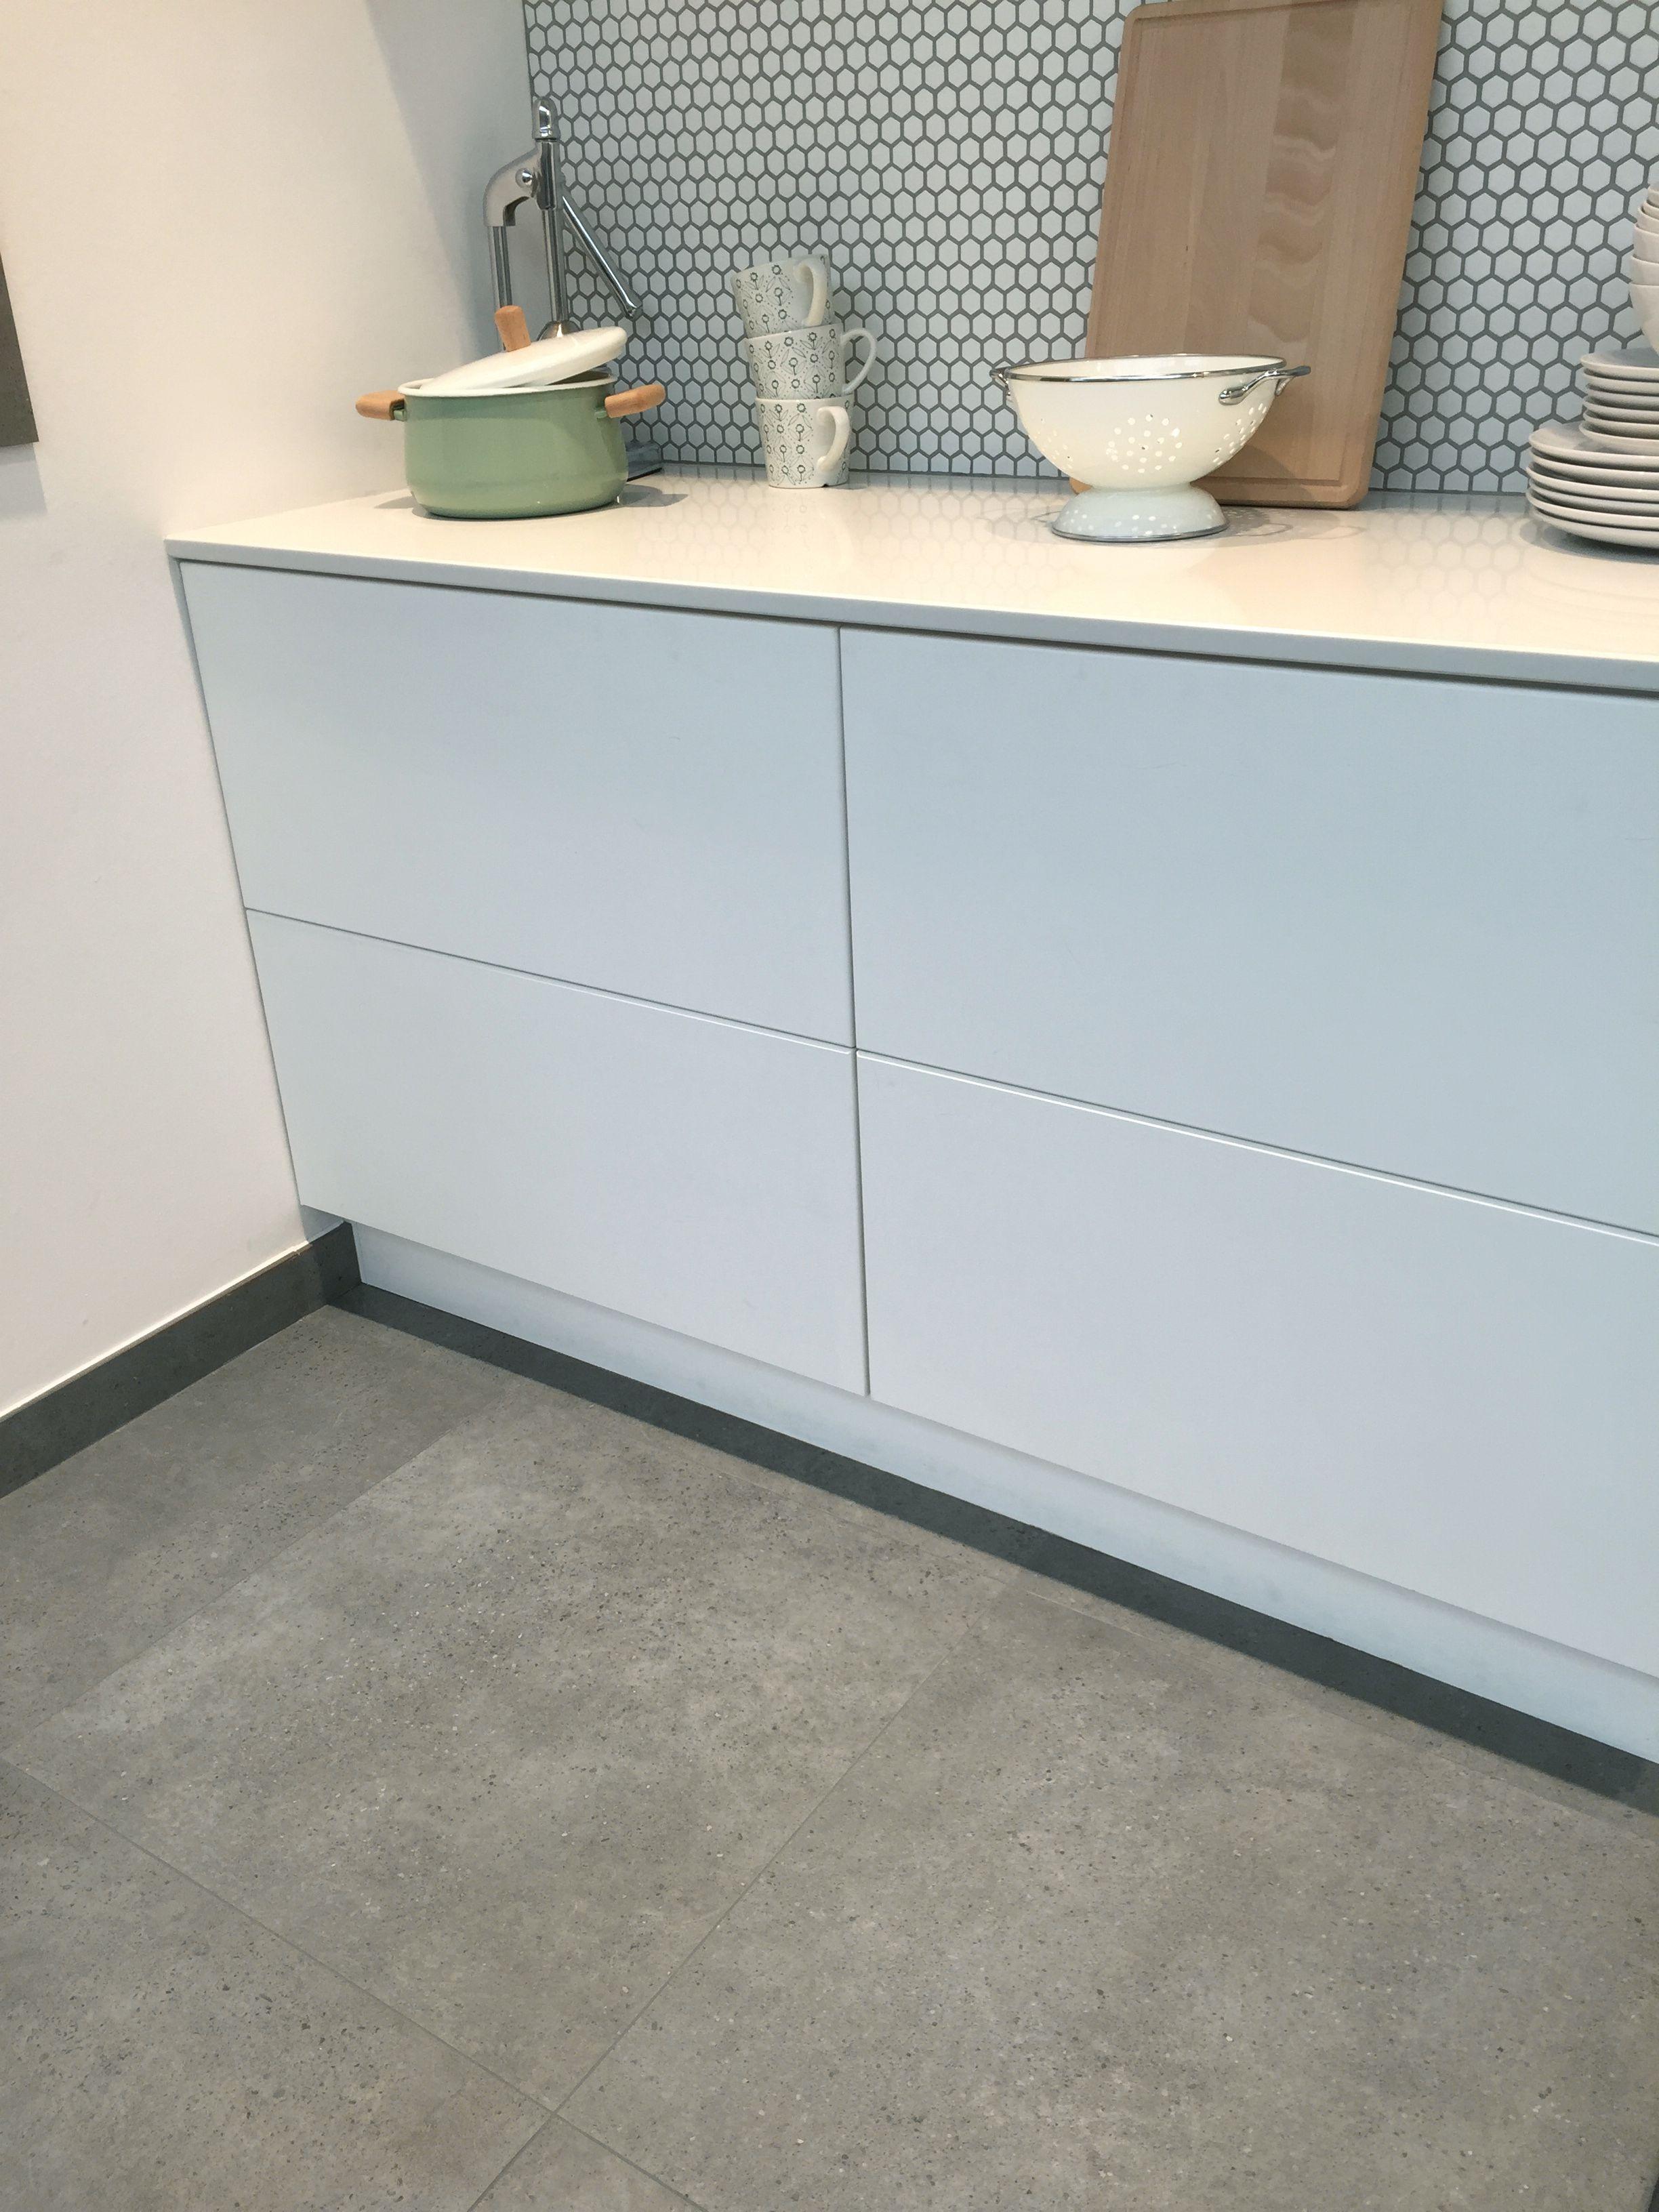 tegelvloer betonlook antraciet 100 x 100 cm woonkamer keuken